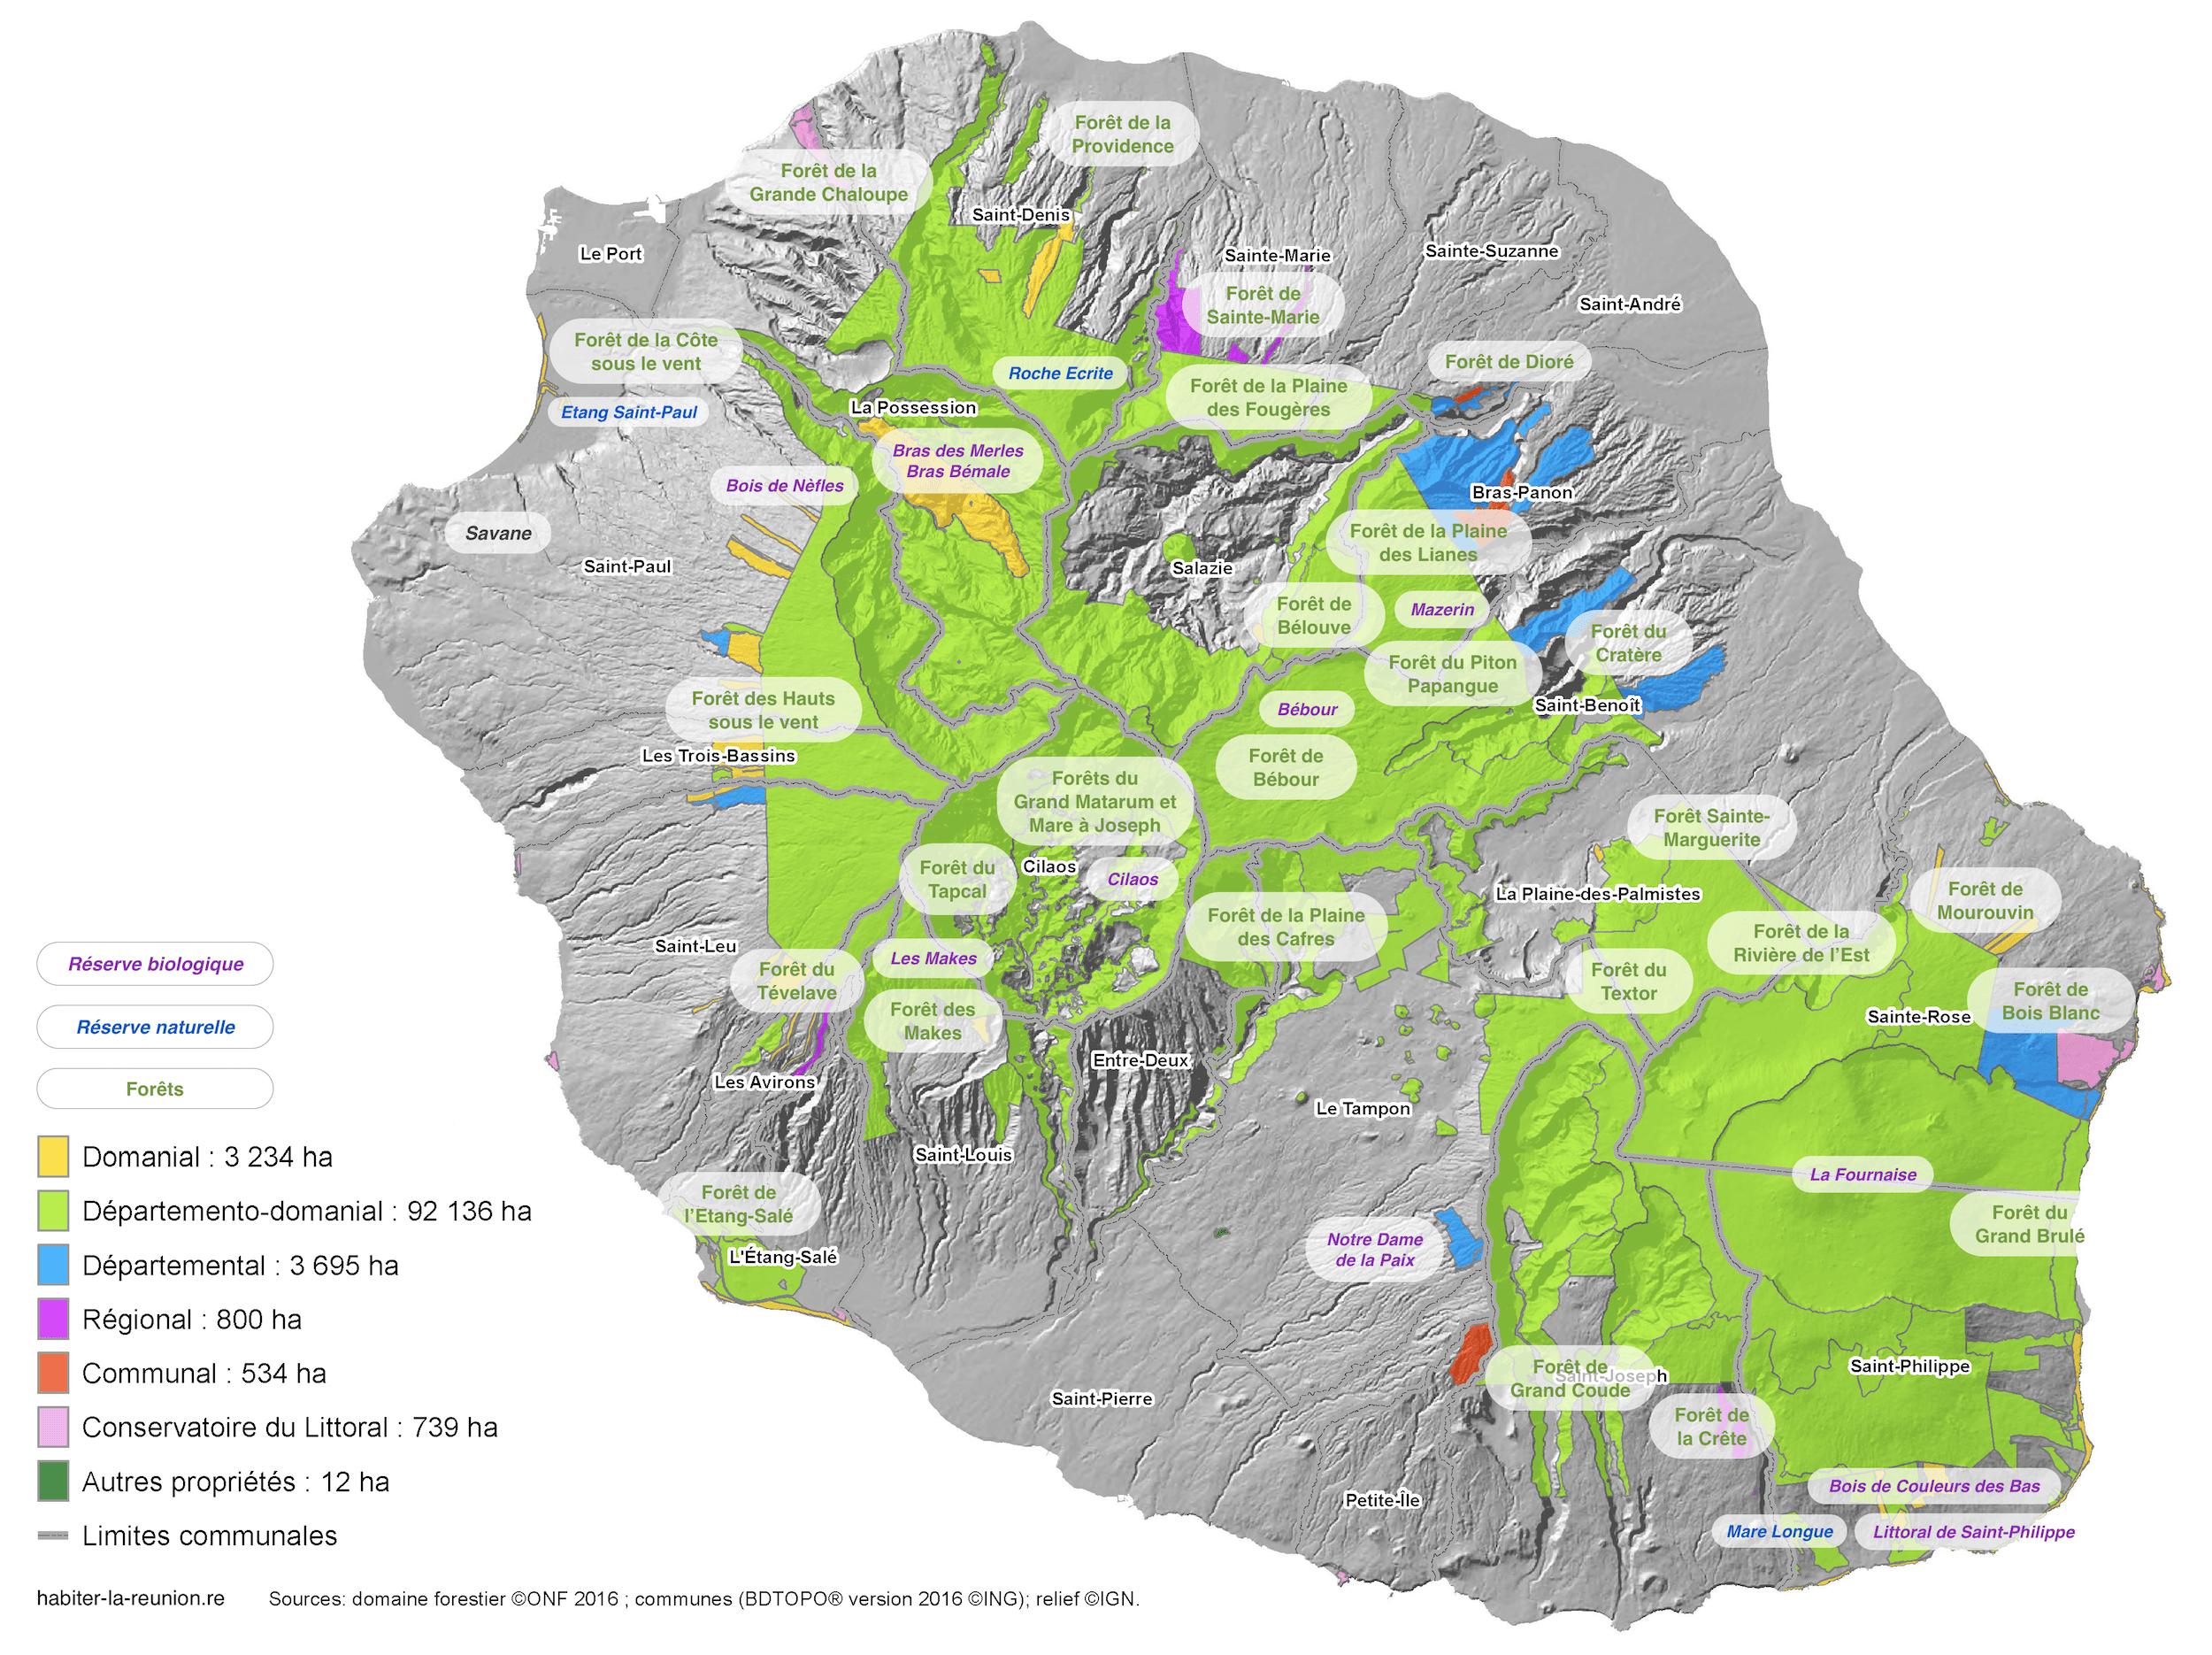 Crete Carte Geographique Monde.Forets De La Reunion Habiter La Reunion